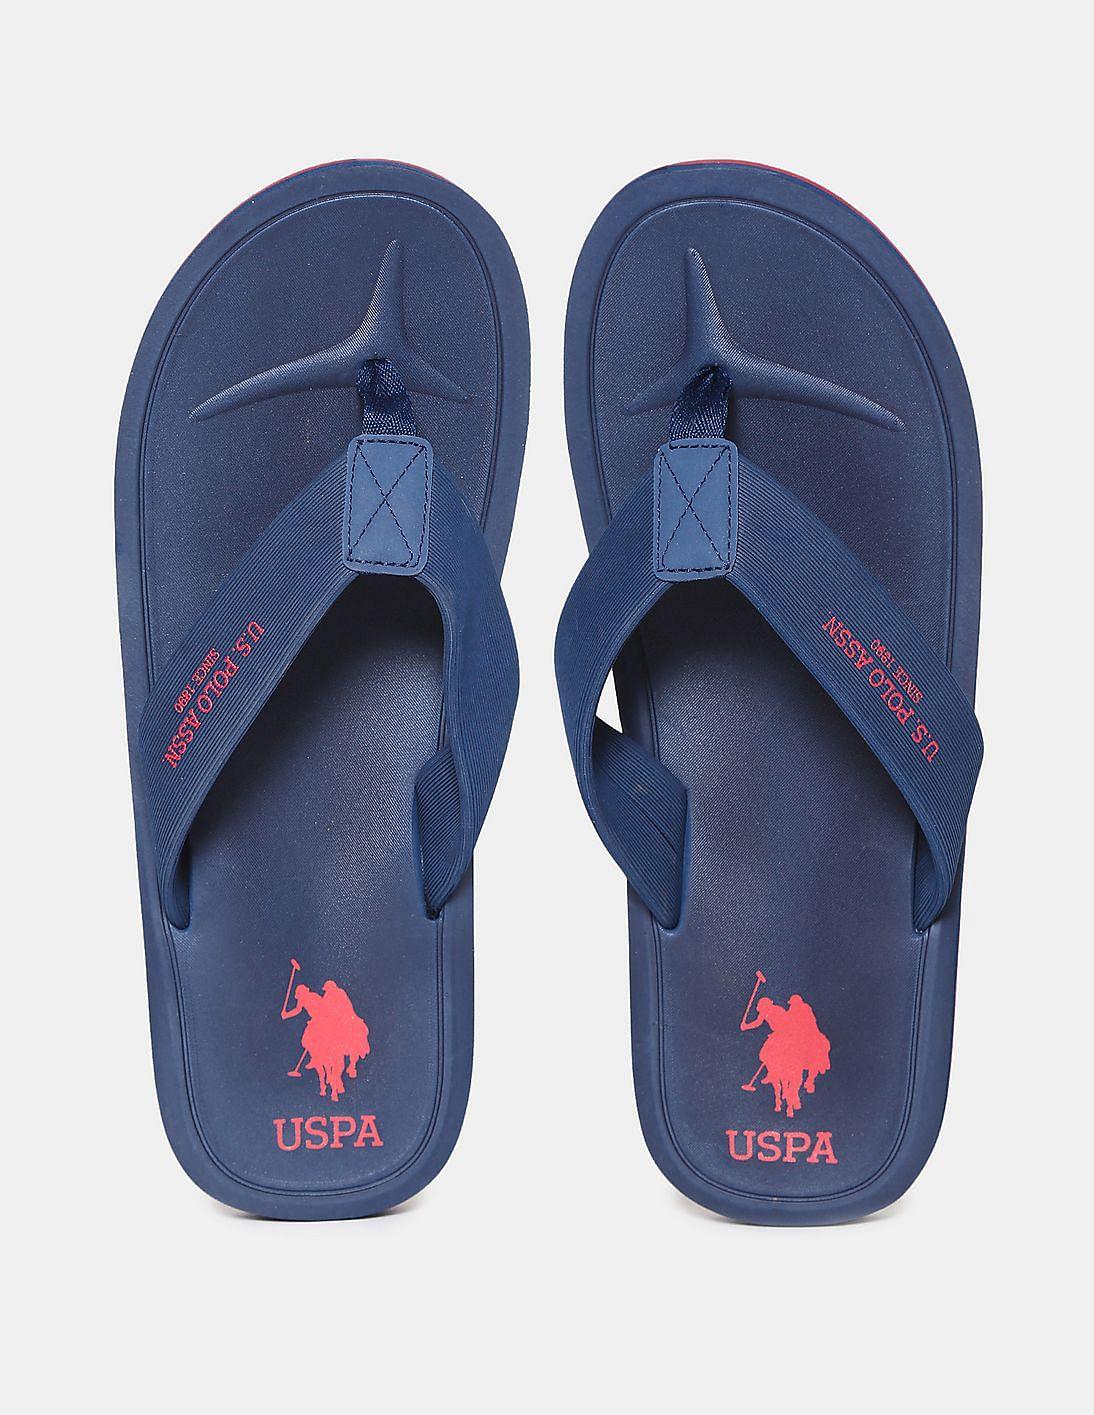 us polo assn flip flops - 59% OFF